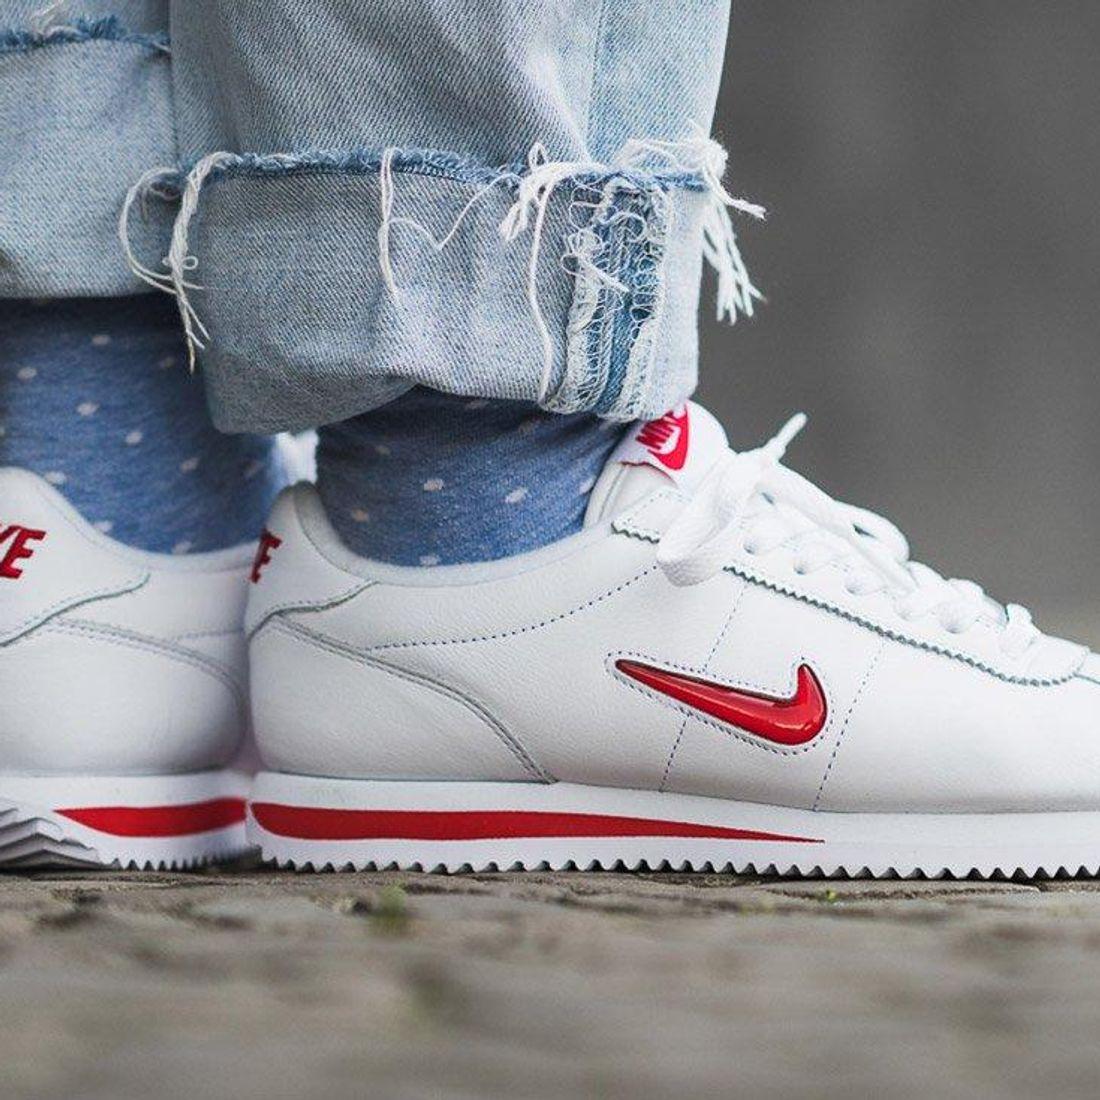 invención título bulto  Nike Cortez Basic Jewel - Sneaker Freaker